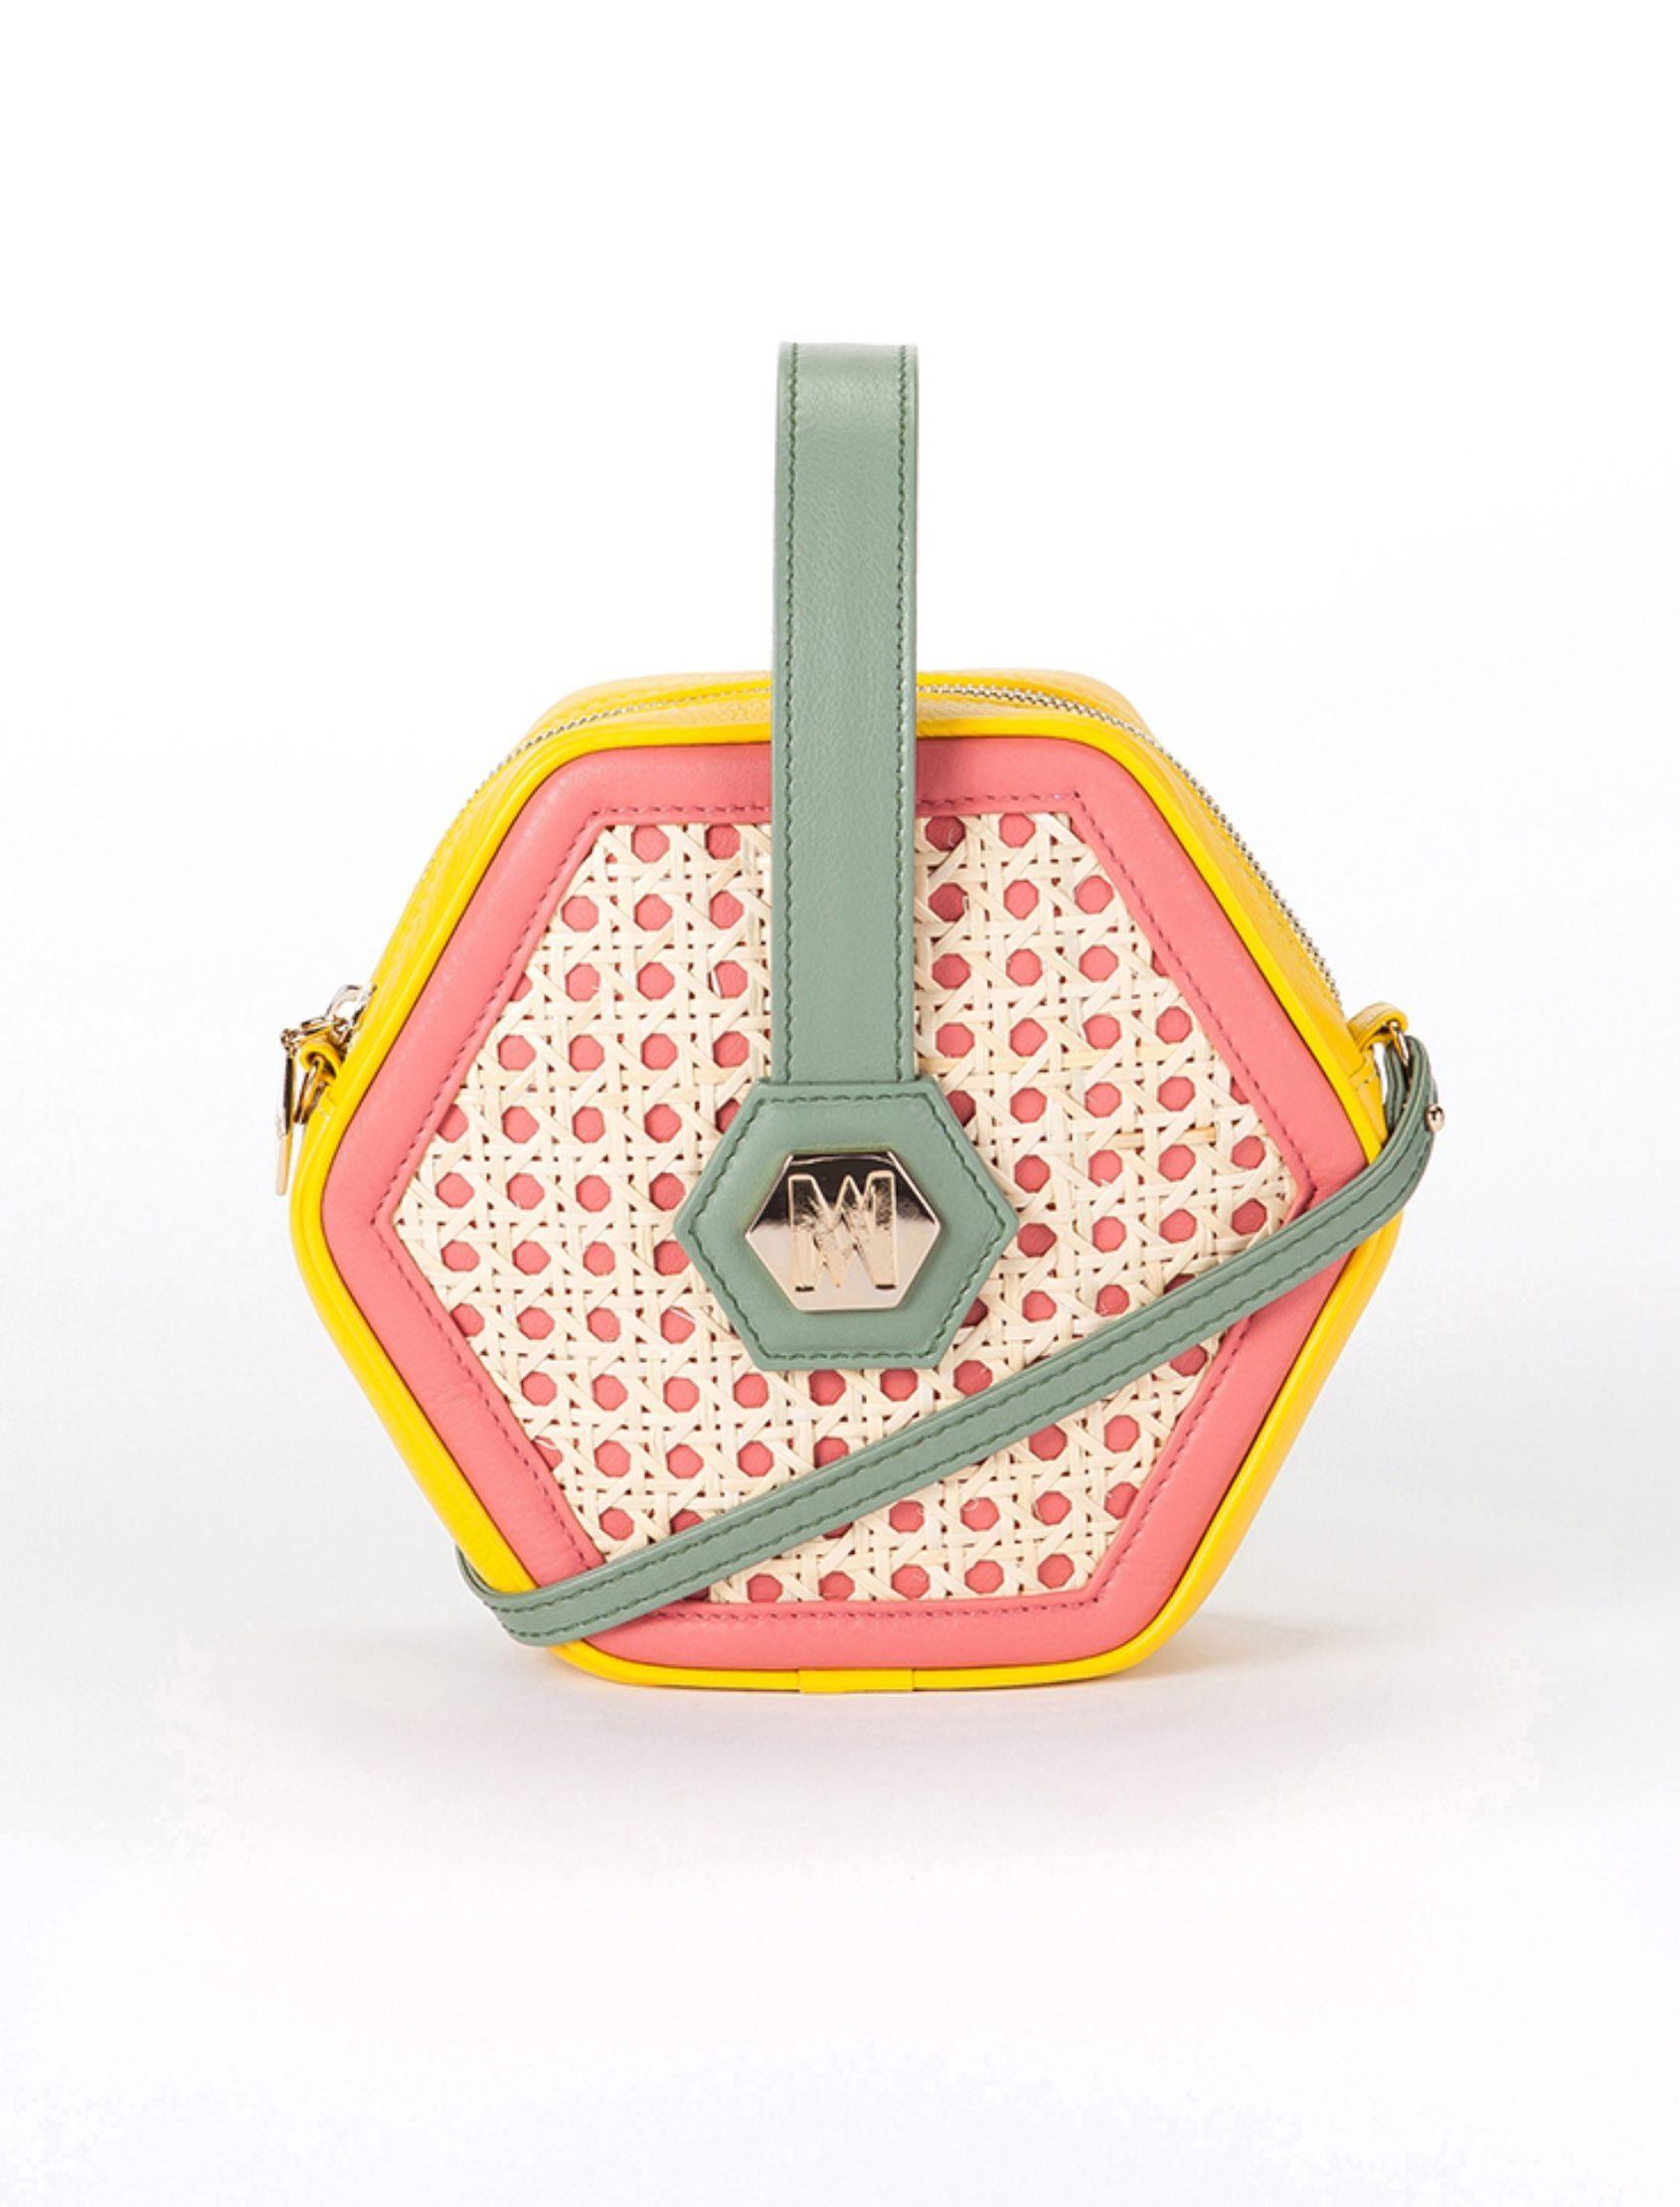 bolso con forma hexagonal de piel con mimbre y detalle de chapa delantera. incluye bandolera, de magalie marbellla